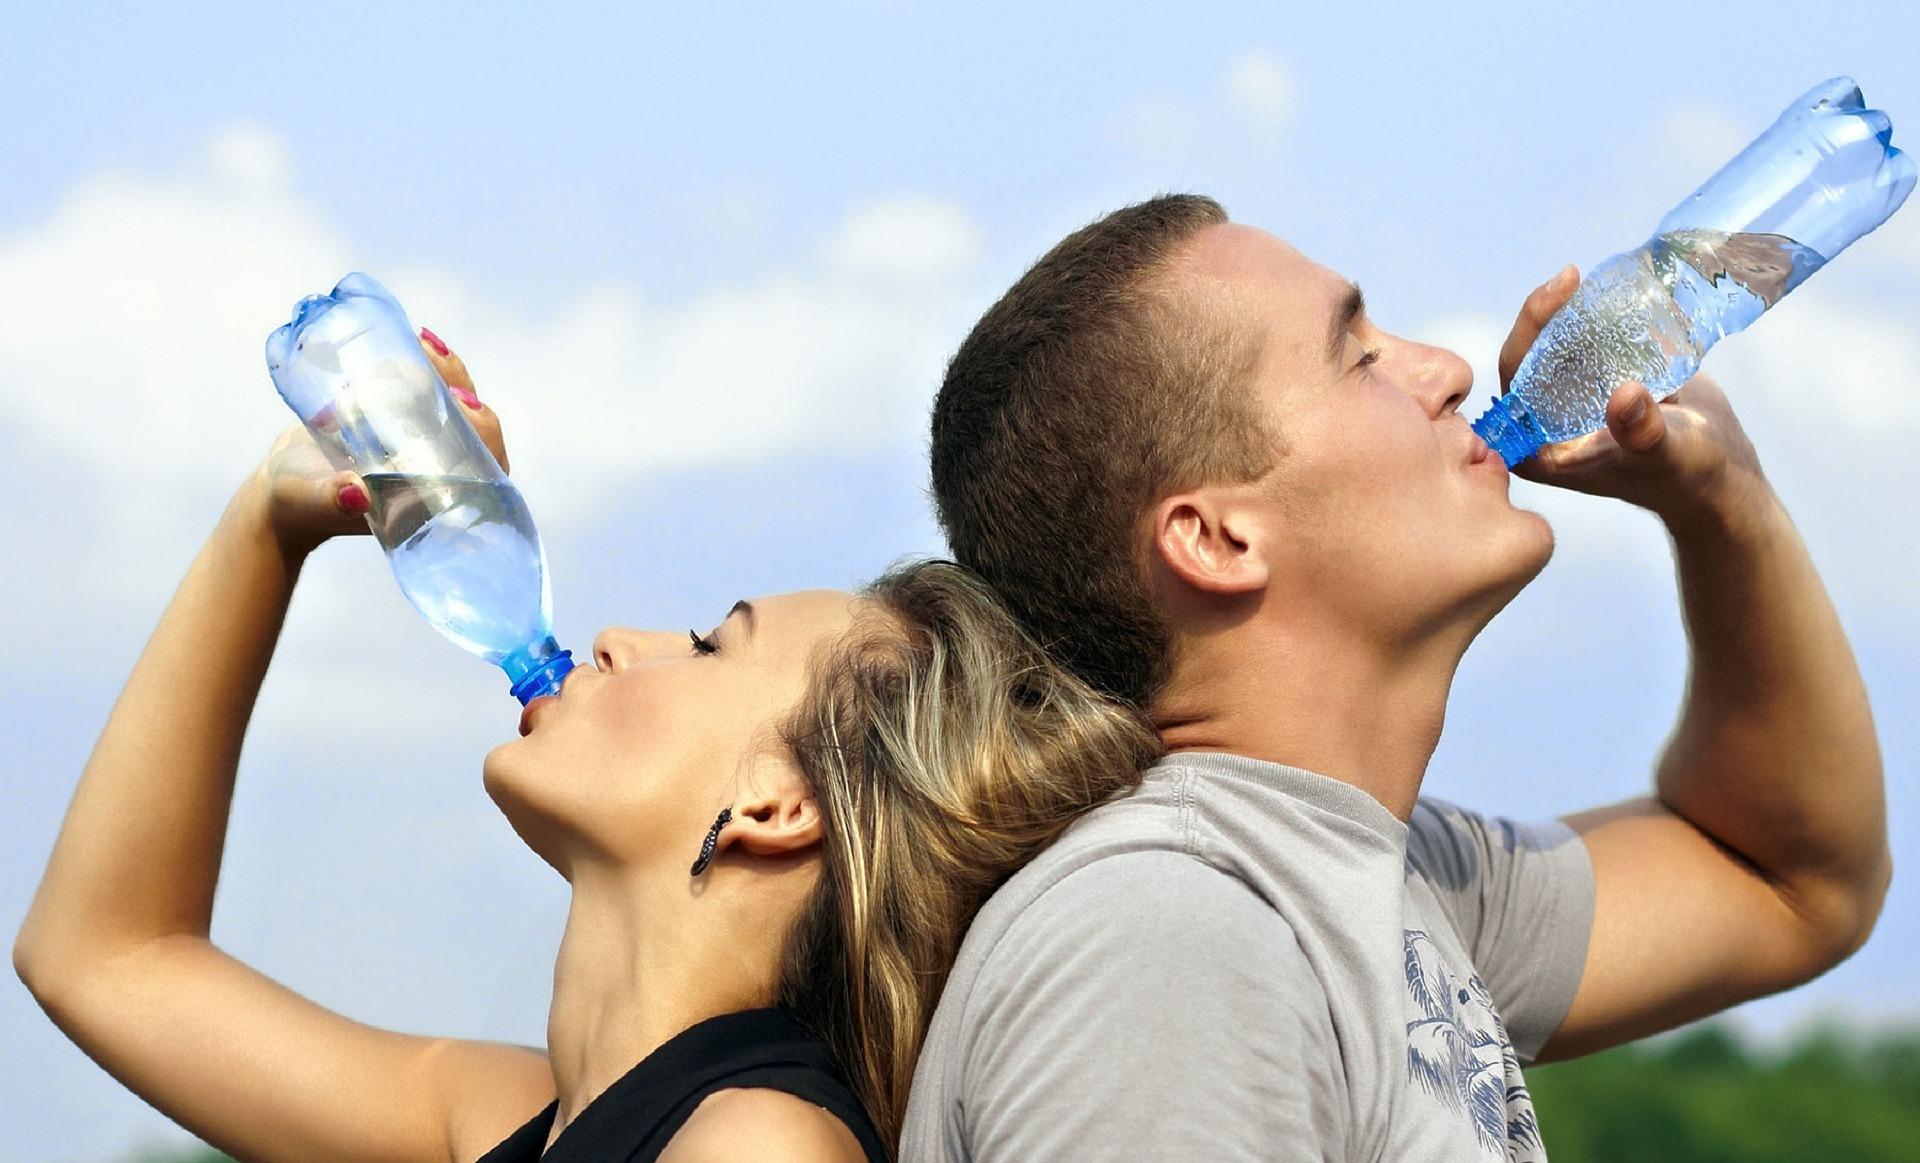 Nakon ovoga nikada više nećete piti vodu iz flaše a da je prethodno niste oprali